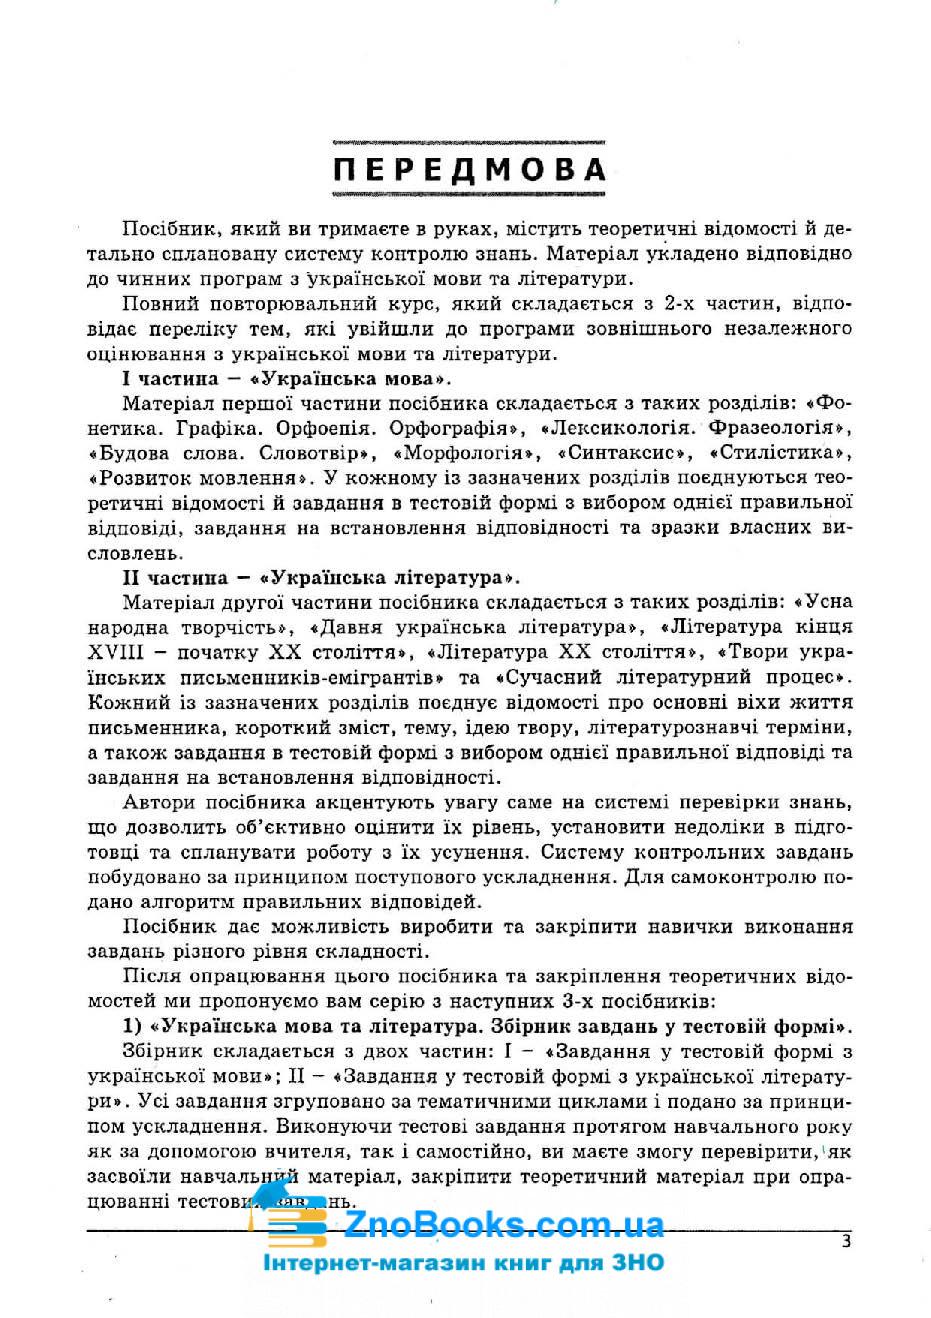 Українська мова та література ЗНО 2020. Довідник + тести : Куриліна О. Абетка. купити 3